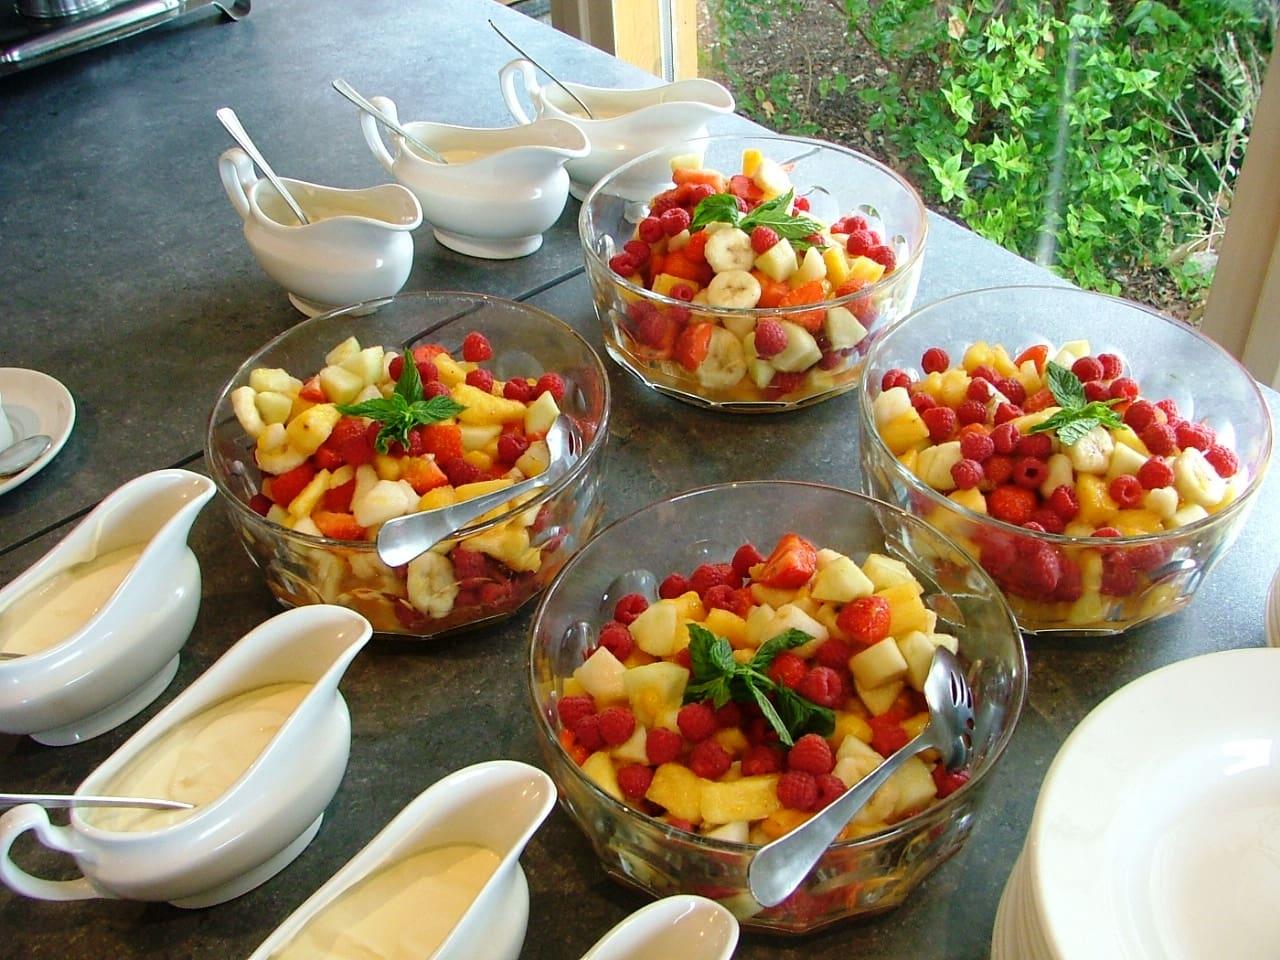 Desayunos saludables 3 postres proteicos ejercicios en casa - Desayunos en casa ...